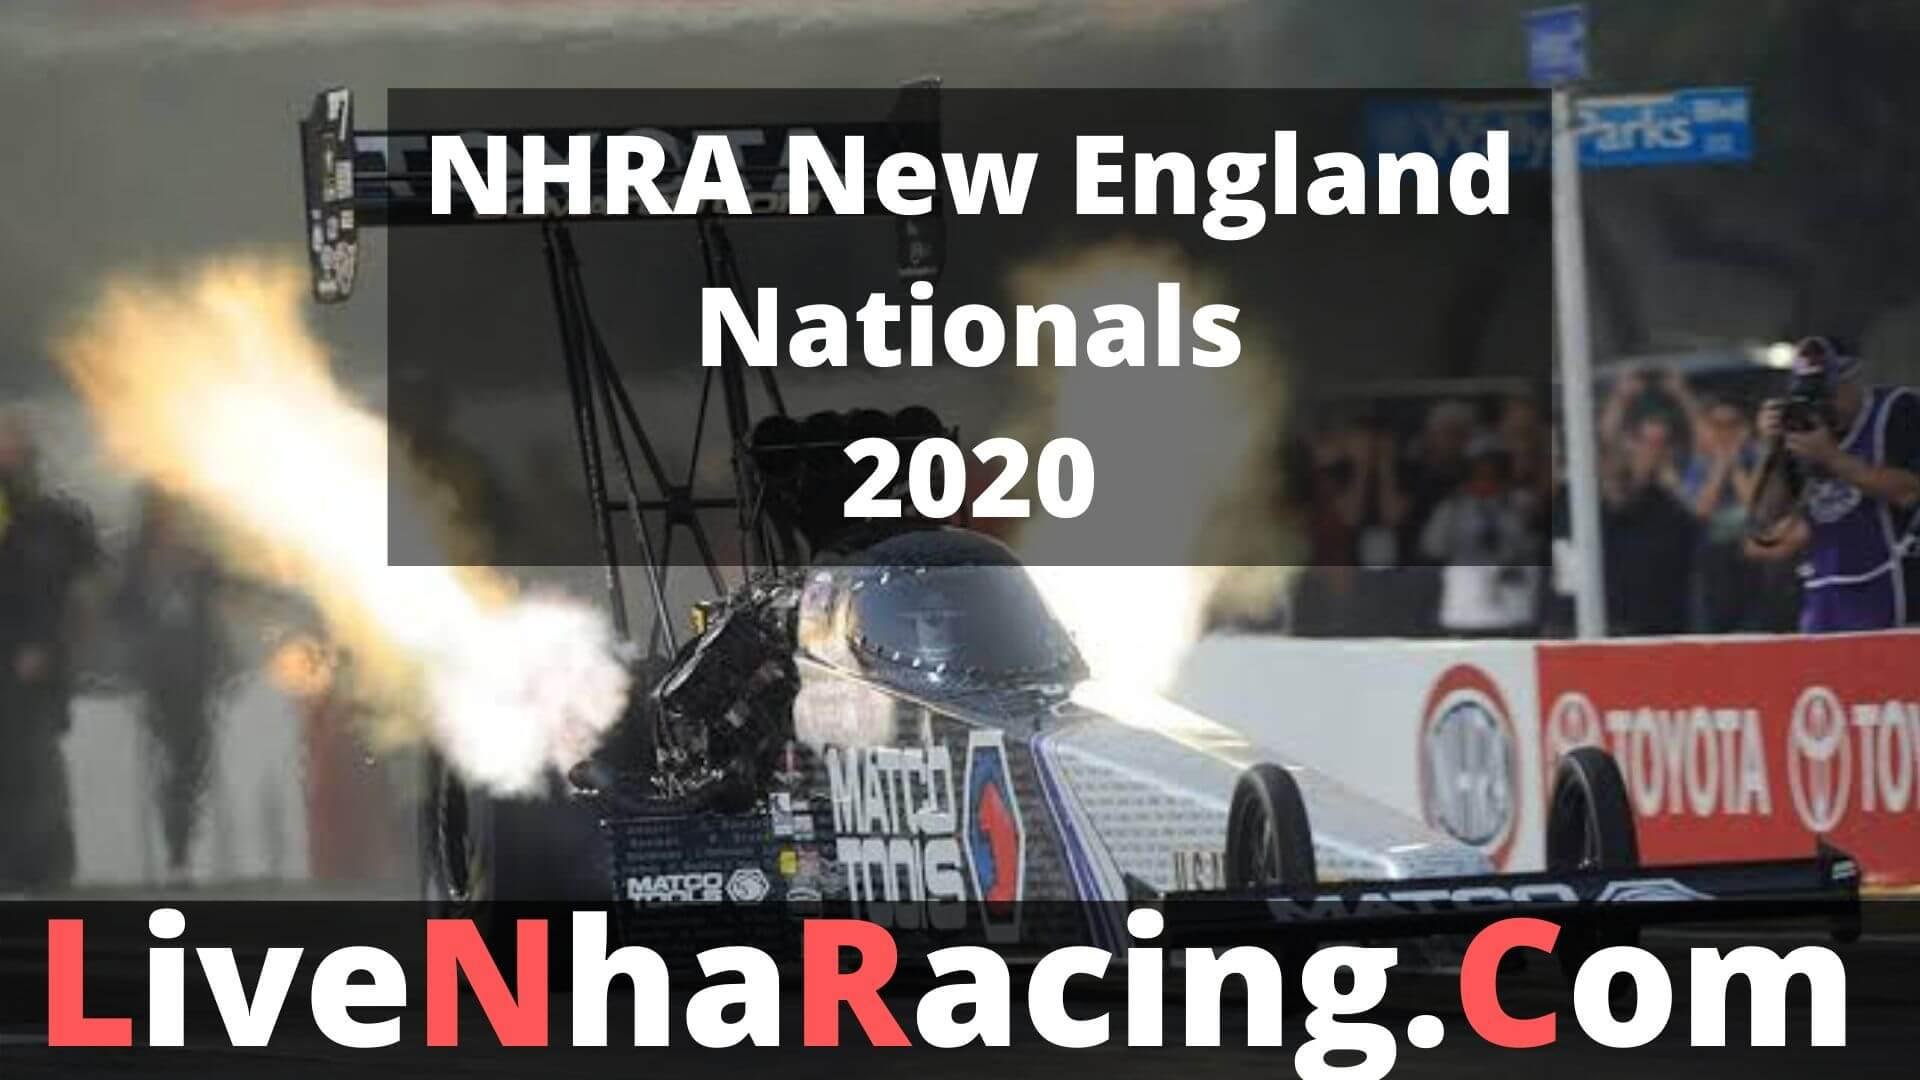 NHRA New England Nationals - Finals Live Stream